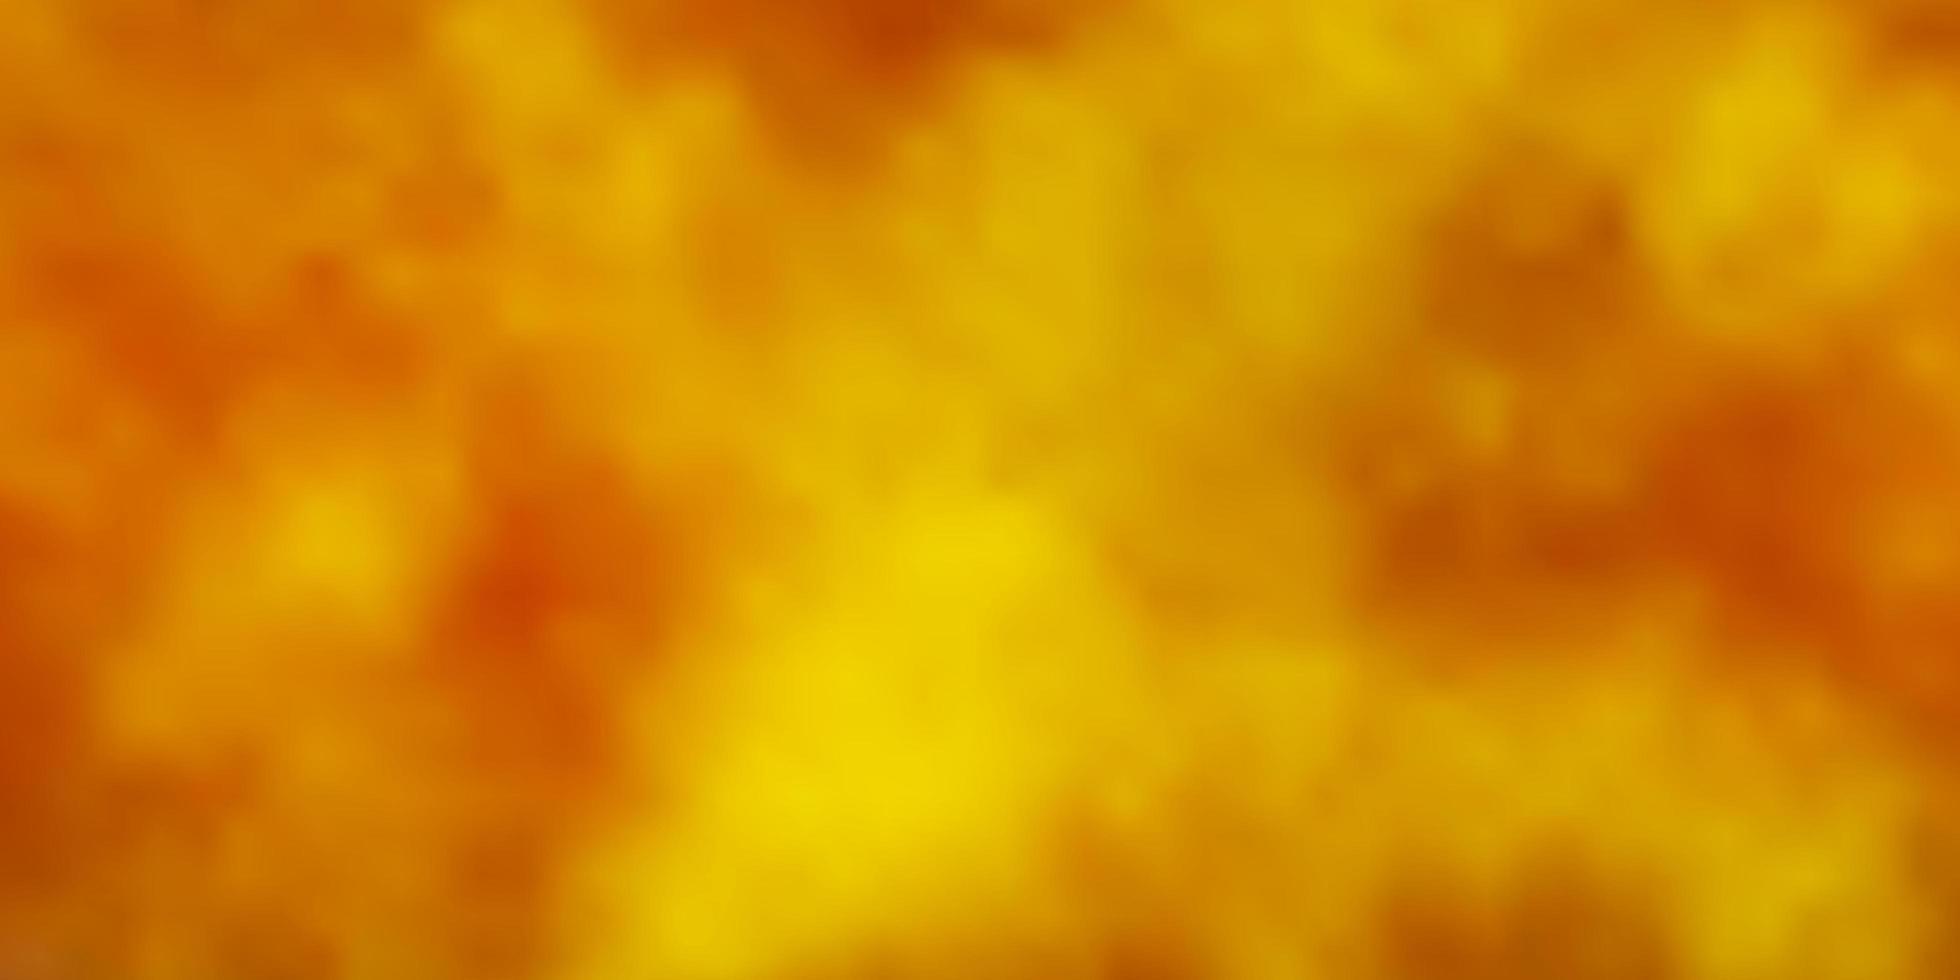 fundo amarelo escuro com nuvens. vetor